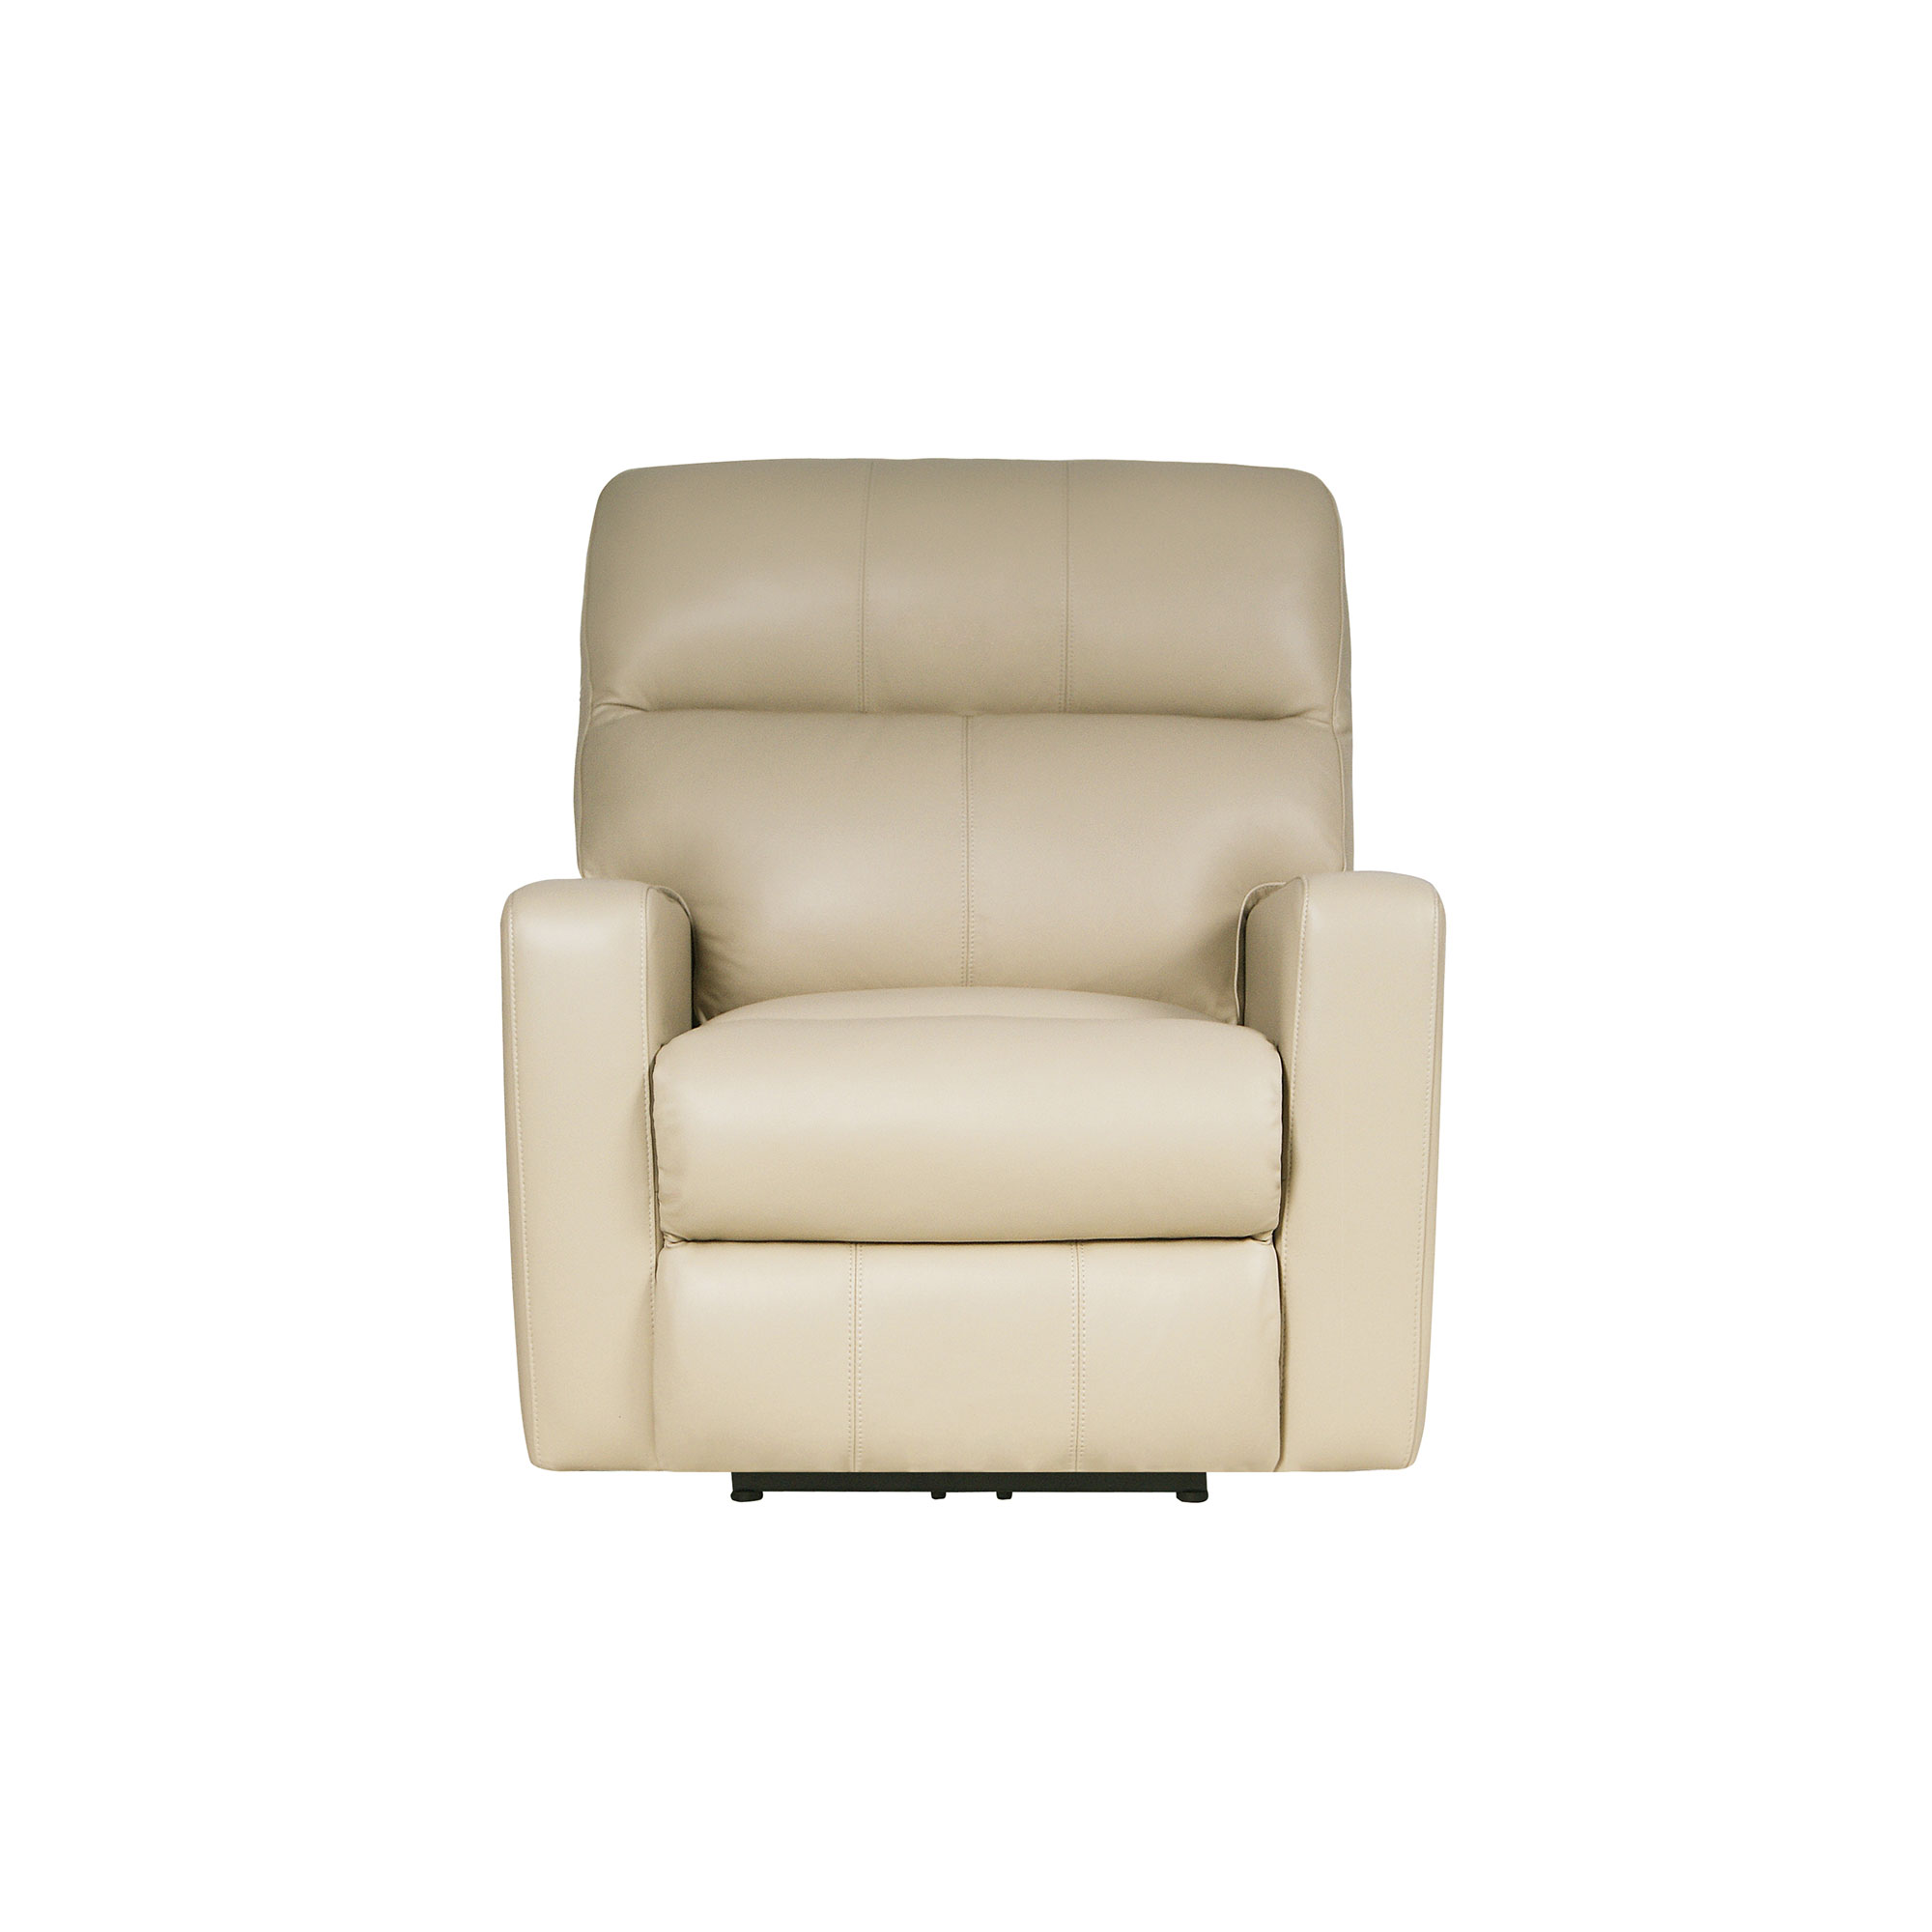 Sultan Recliner Moran Furniture